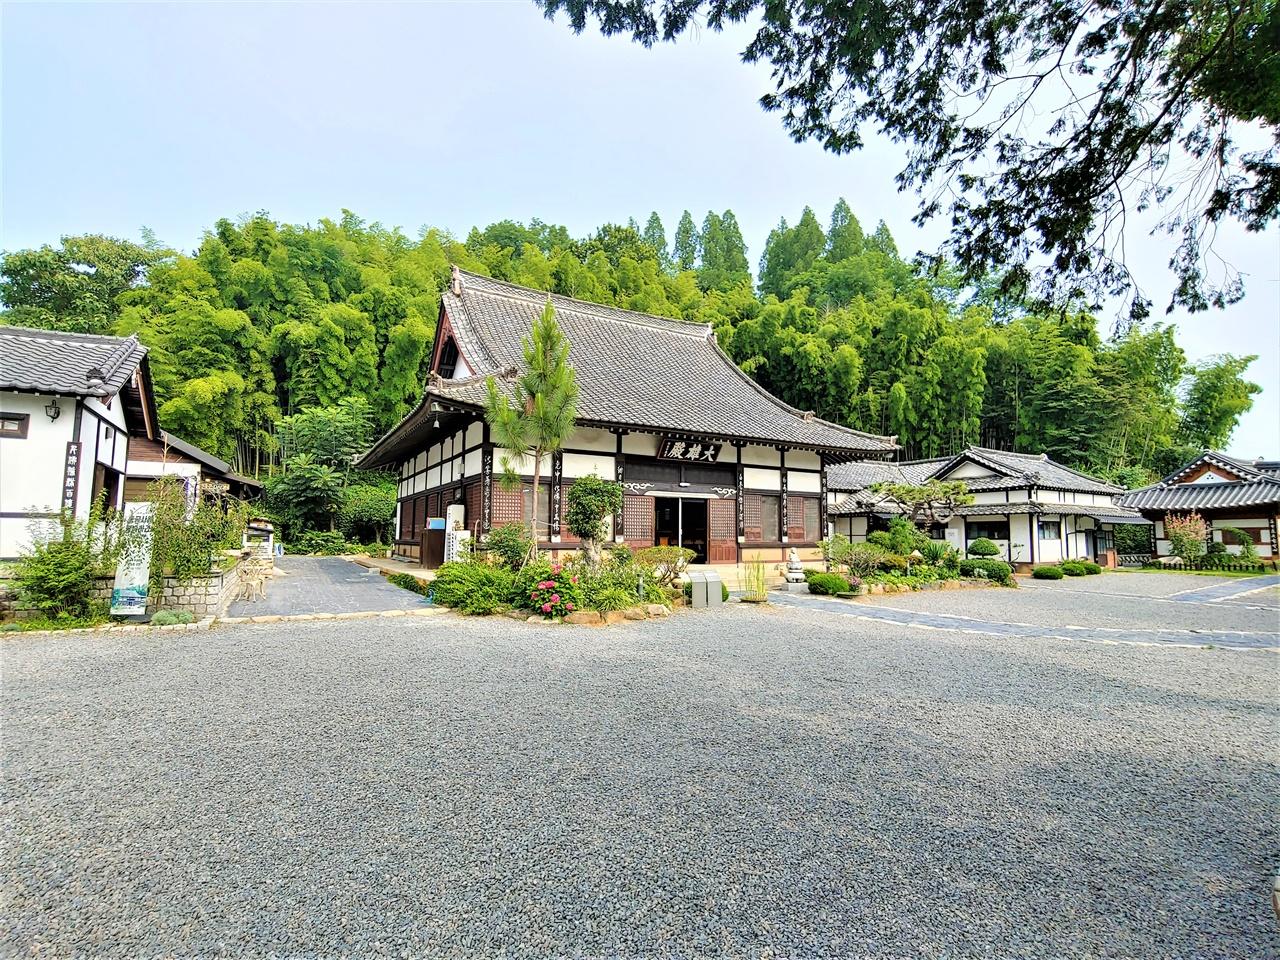 동국사 군산에 있는 일본식 사찰이다. 높은 지붕과 급경사의 물매가 습도가 높고 통풍이 필요했던 일본건축물의 전형을 보여주고 있다. 시인 고은이 젊은 시절 이곳 동국사에서 중이 되려고 수행하기도 했다.